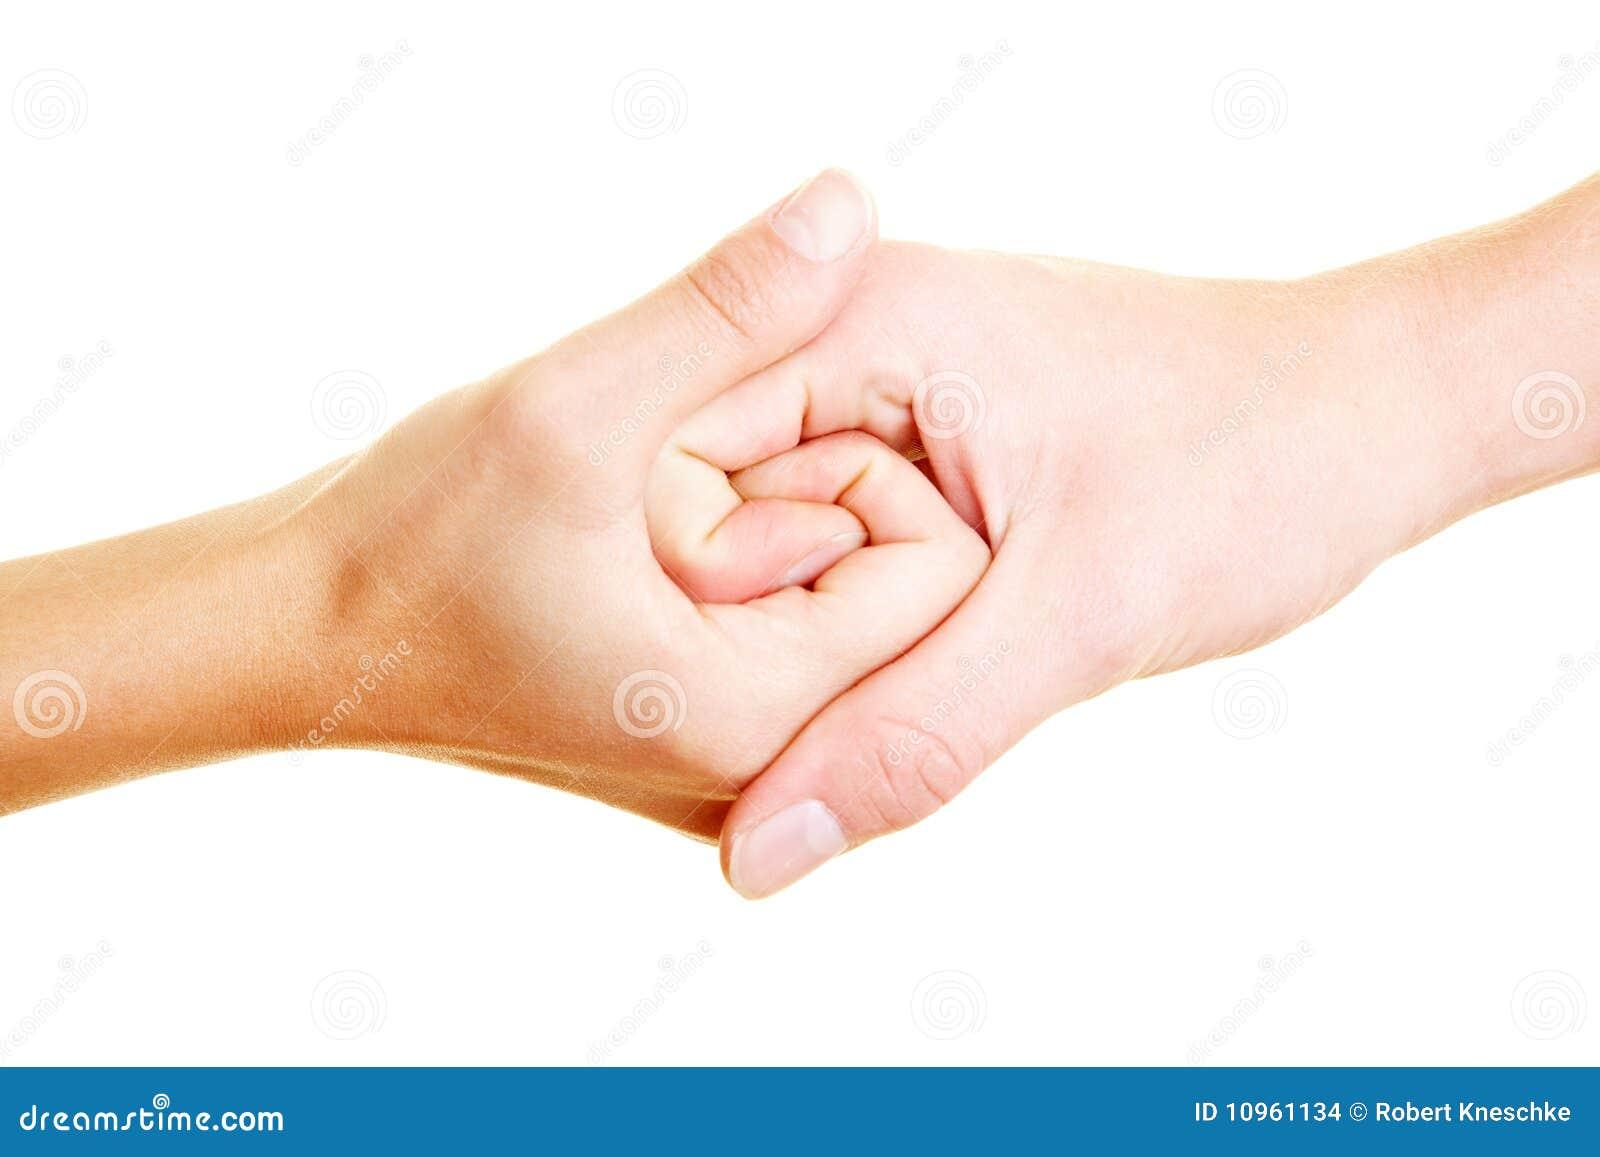 Spirale in der Hand